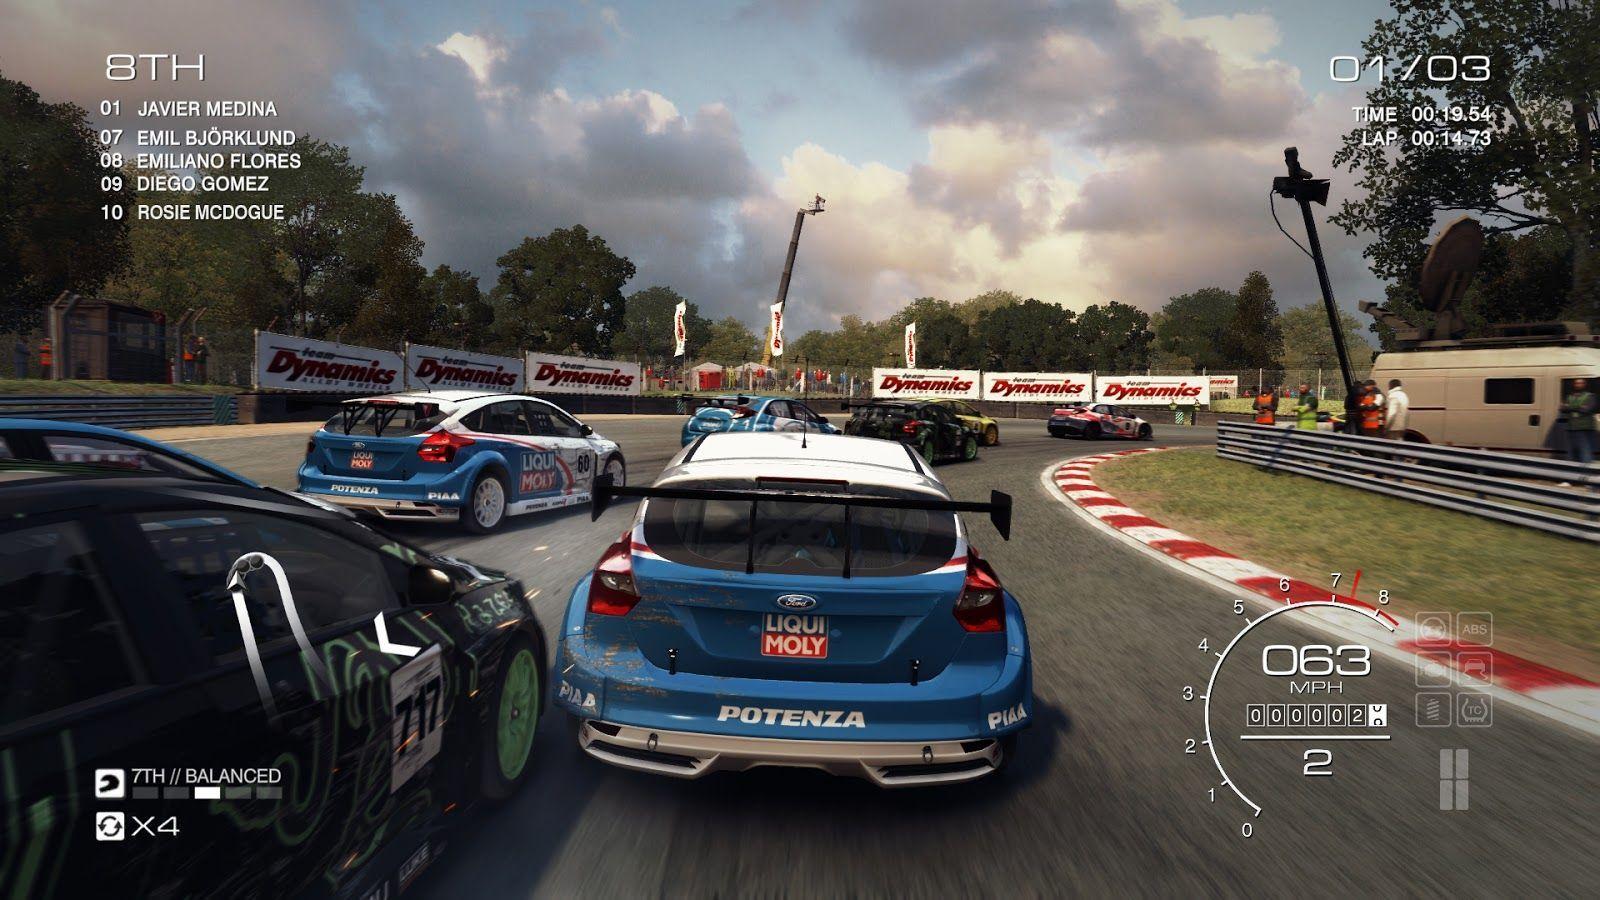 Grid Autosport chega na próxima semana para Android, confira o preço e dia do lançamento!